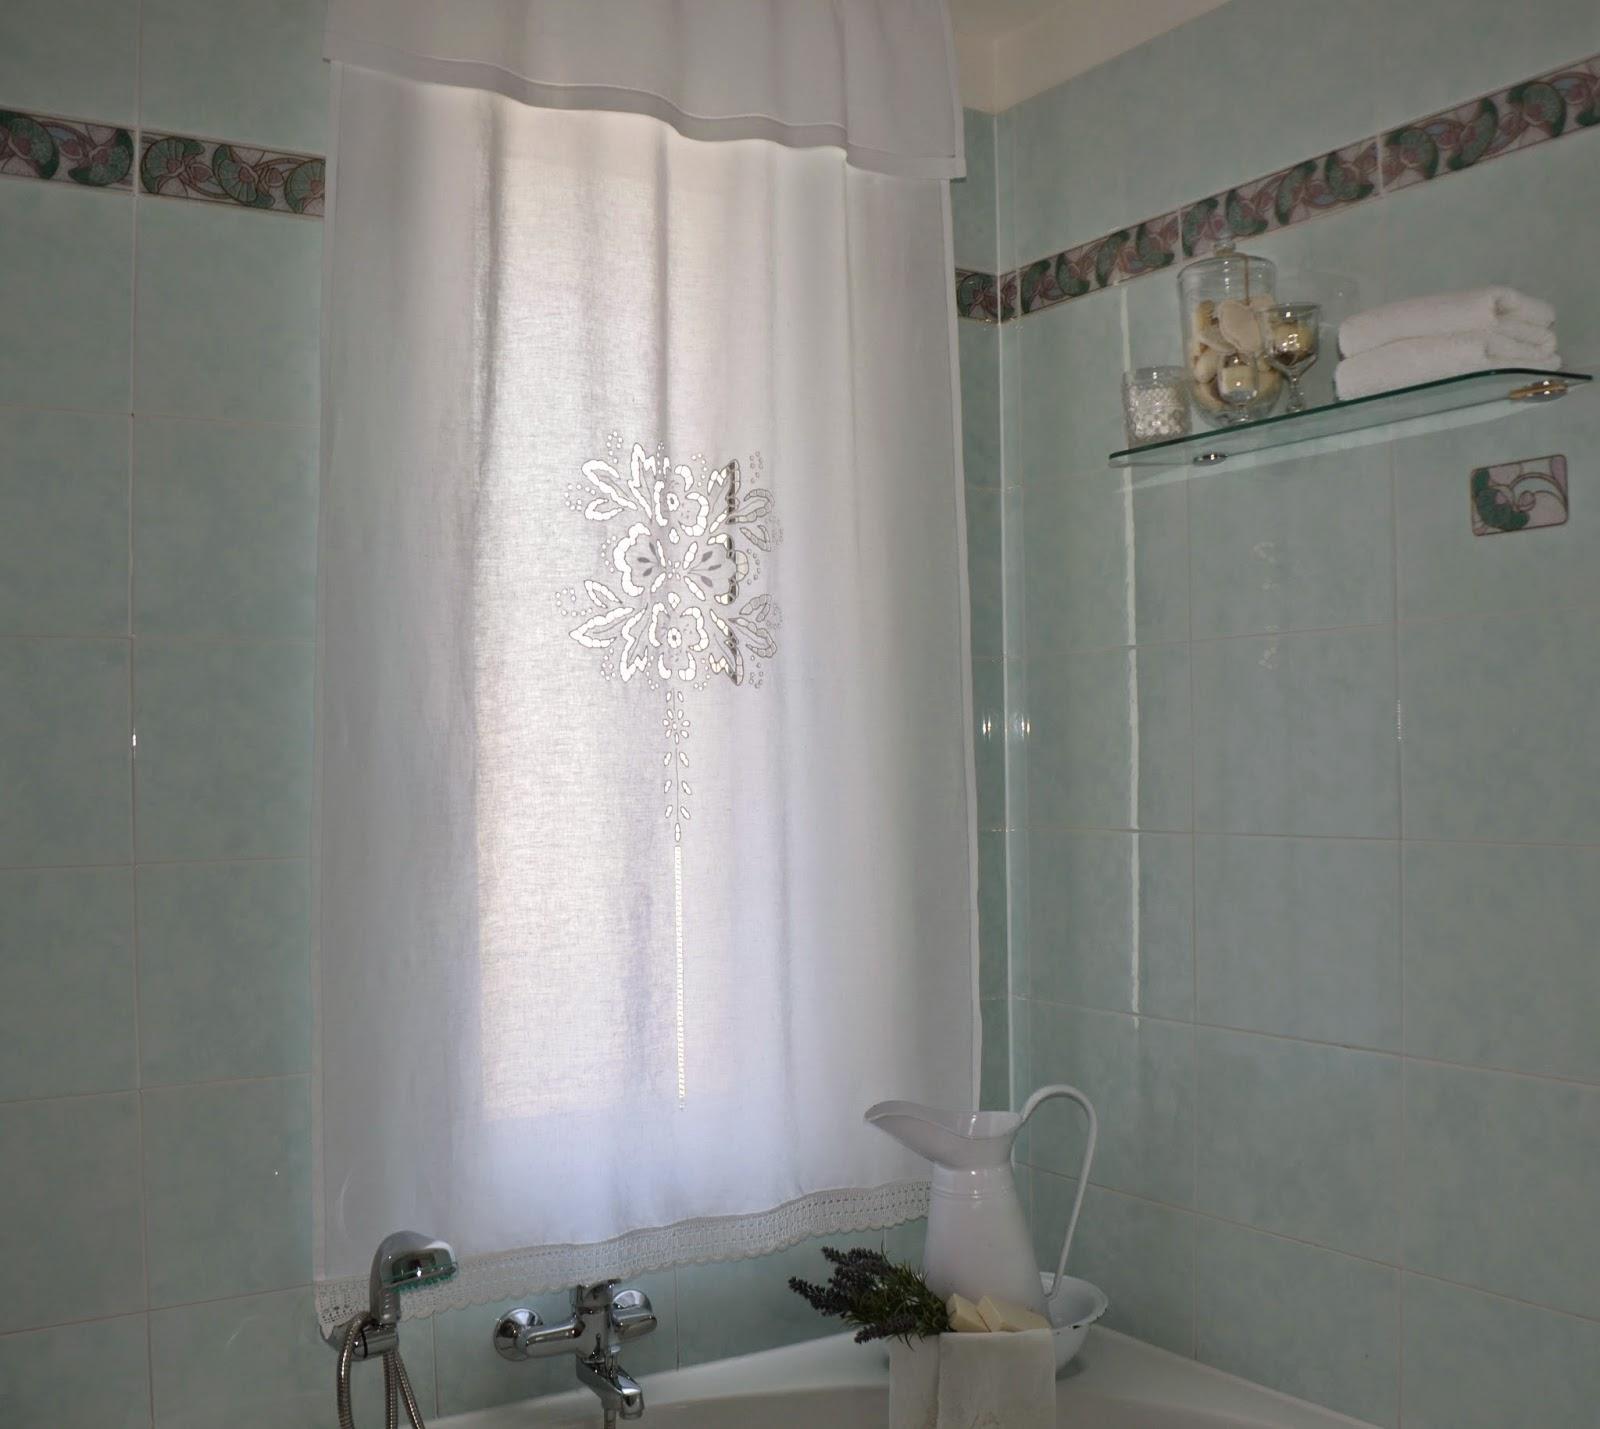 Croci e delizie nuova tenda per il bagno a punto intaglio - Tende per finestra del bagno ...